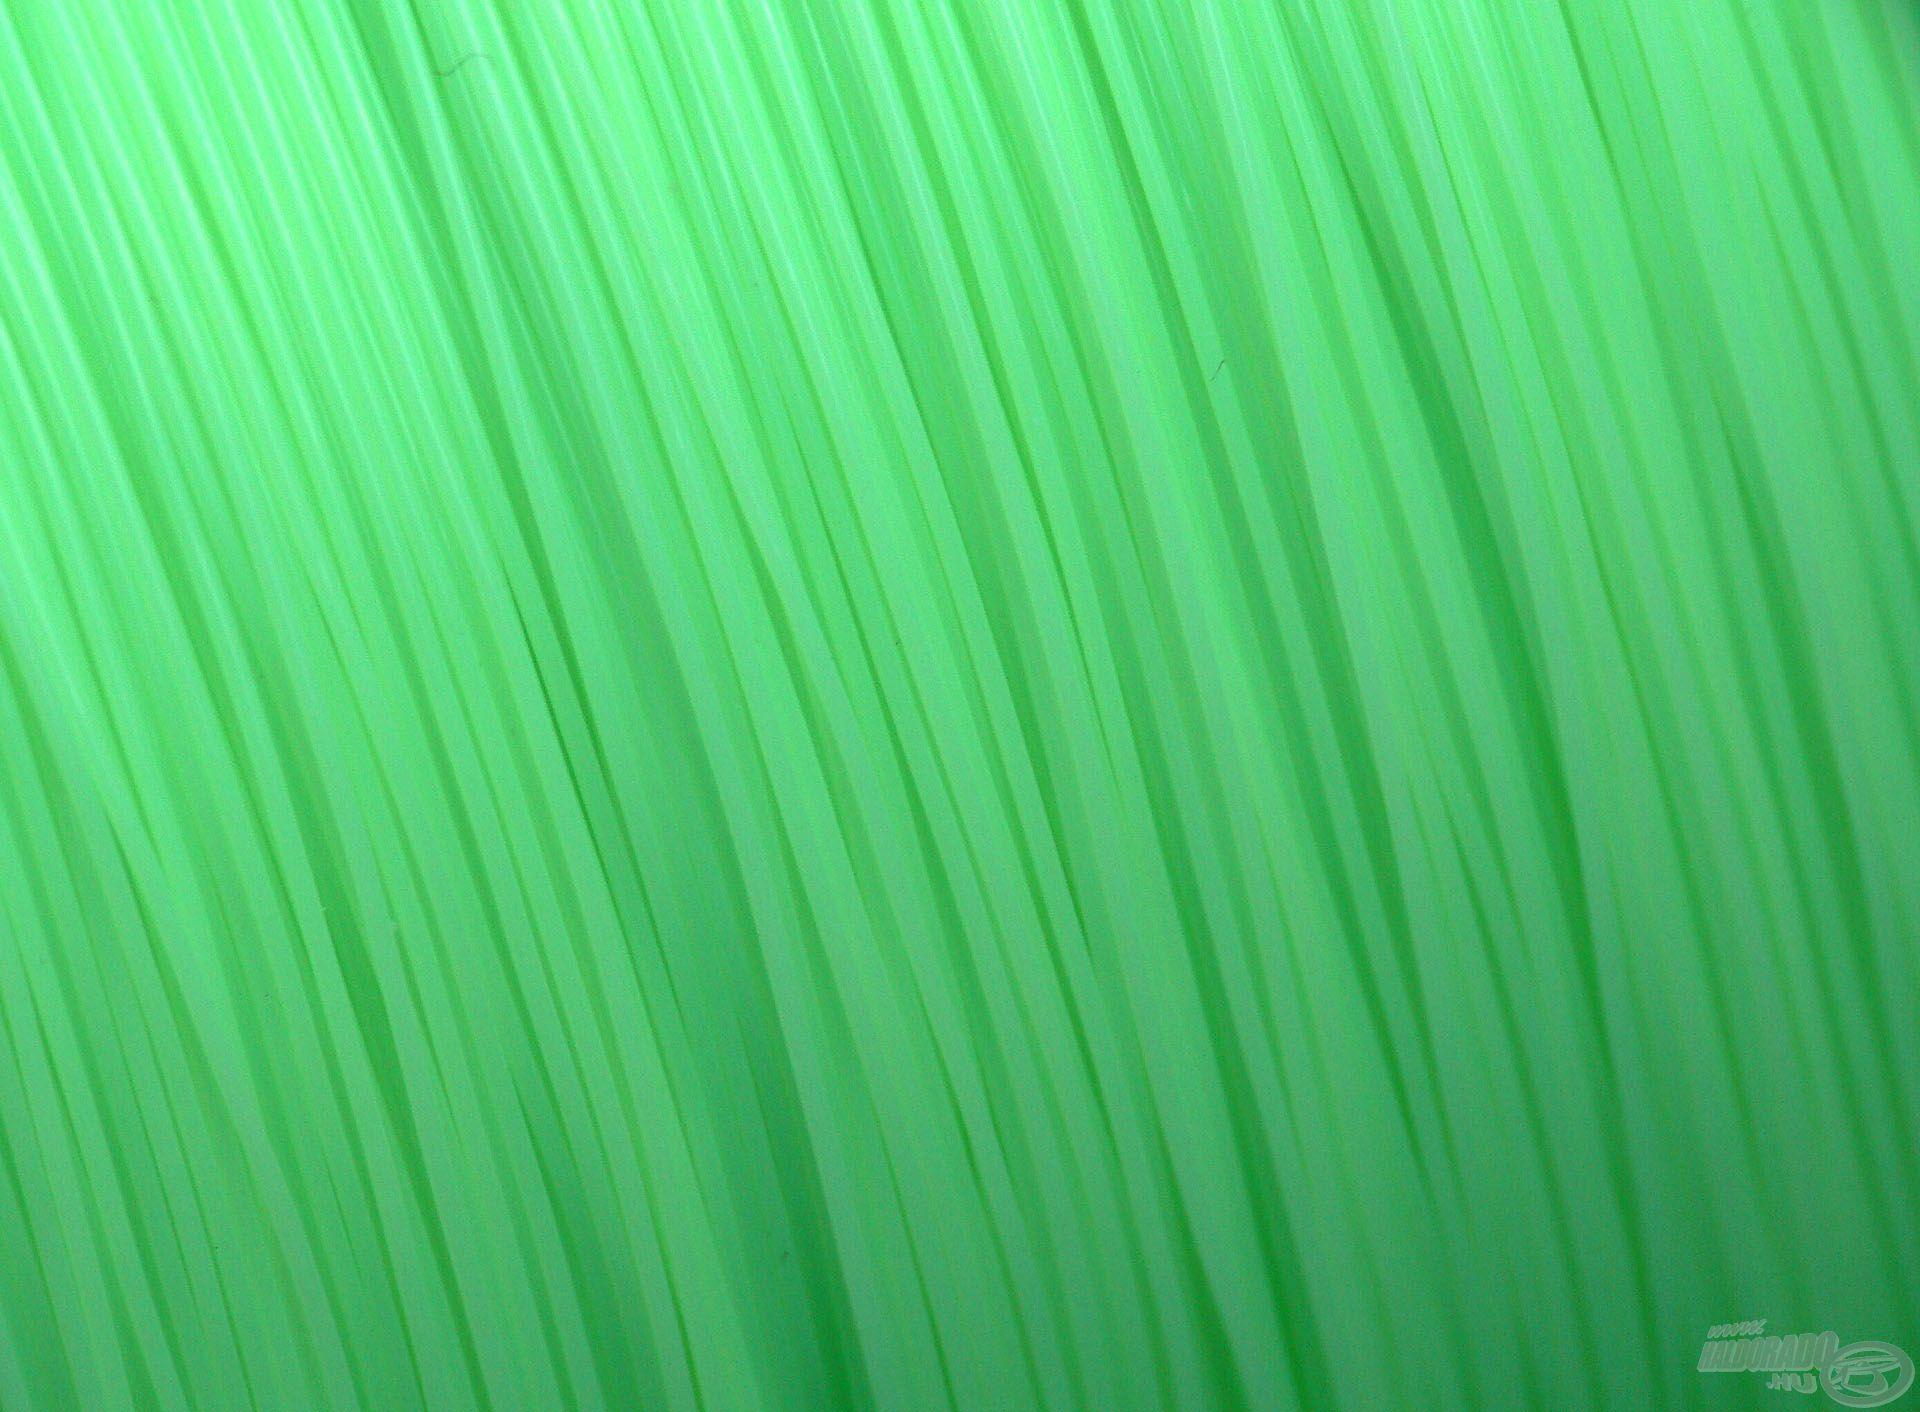 Zöld színének köszönhetően különösen jól látszik éjszakai horgászat során, de a halakban egyáltalán nem keltgyanút